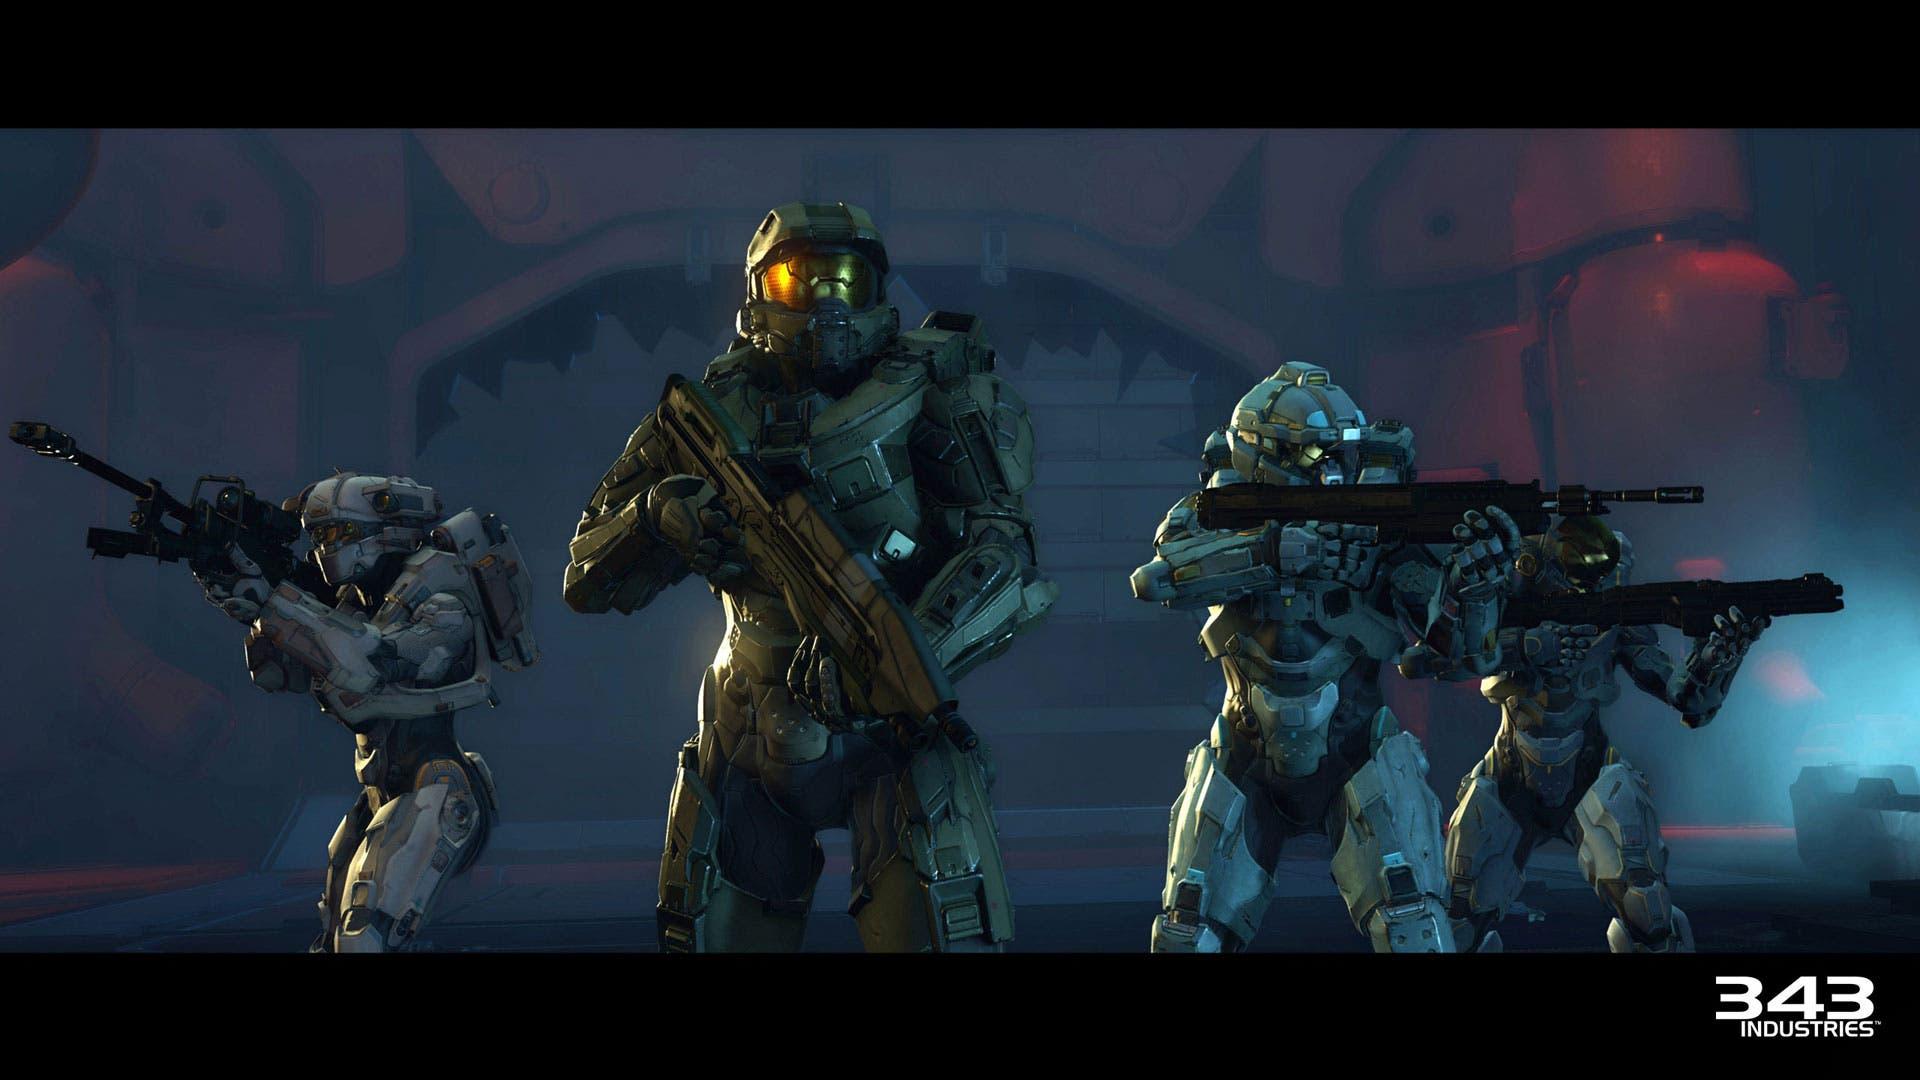 Halo5 2